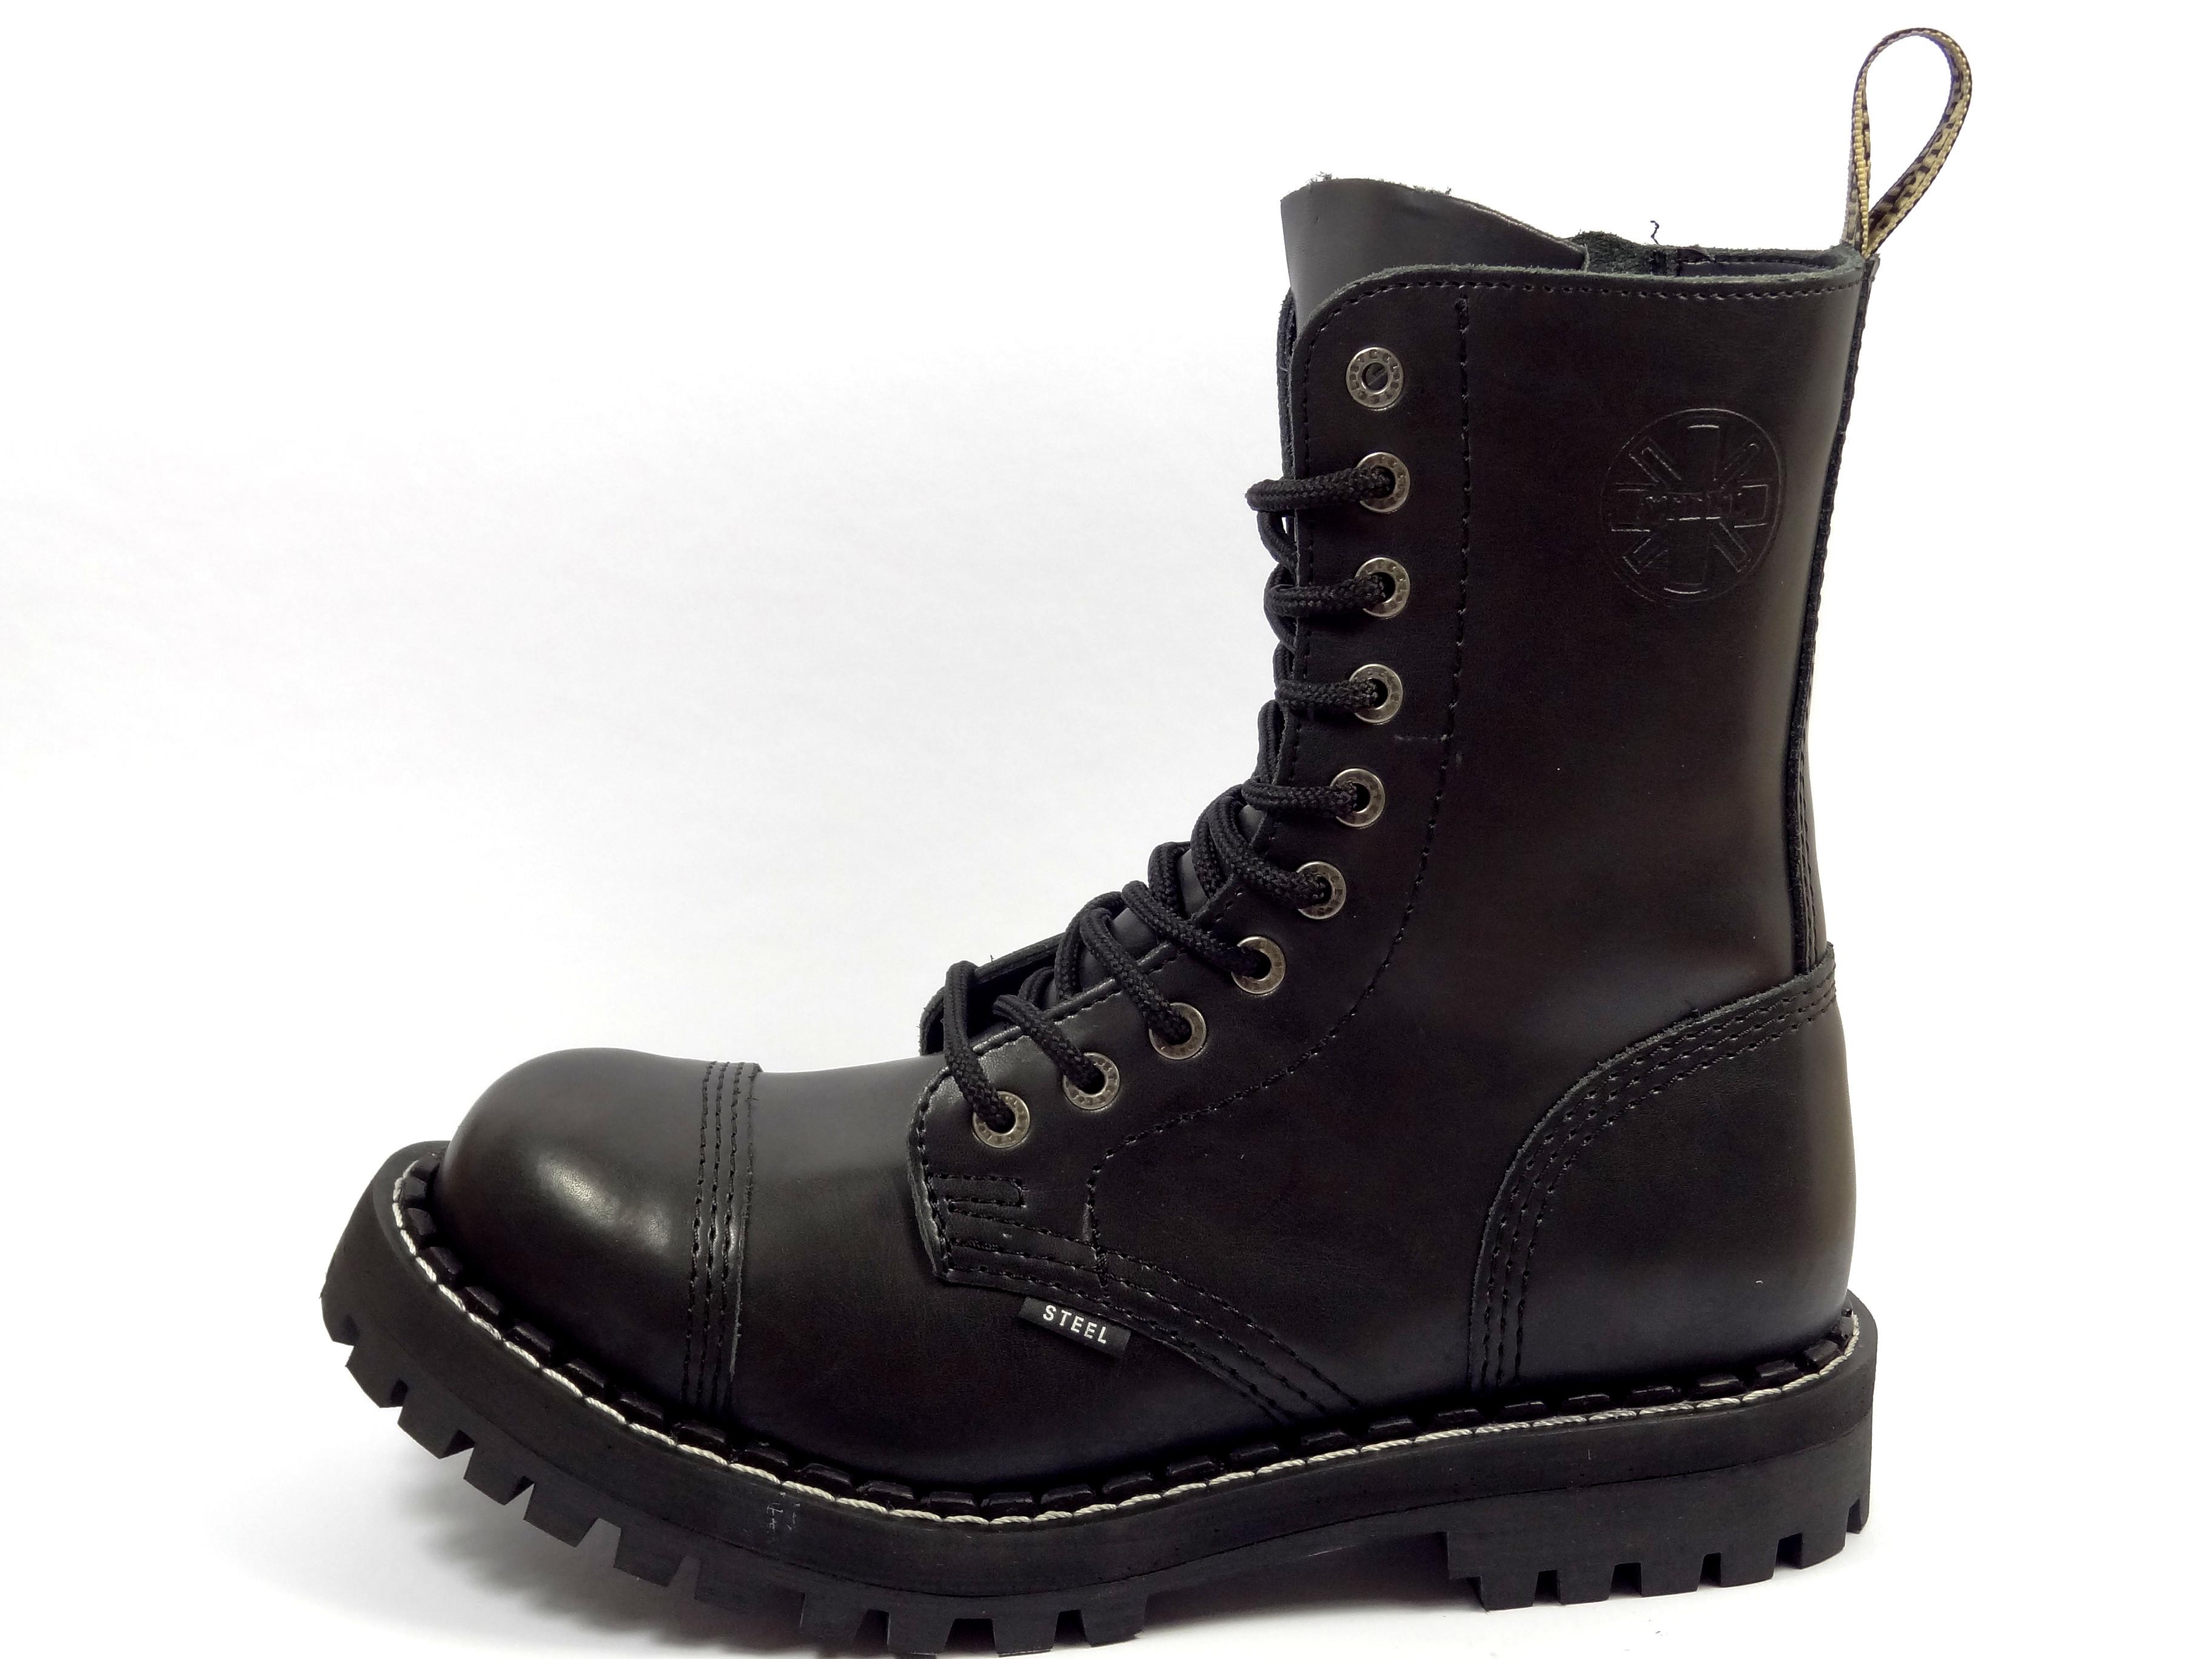 Steel boty 10 dírkové černé - se zipem - zateplené  6f94211b4c